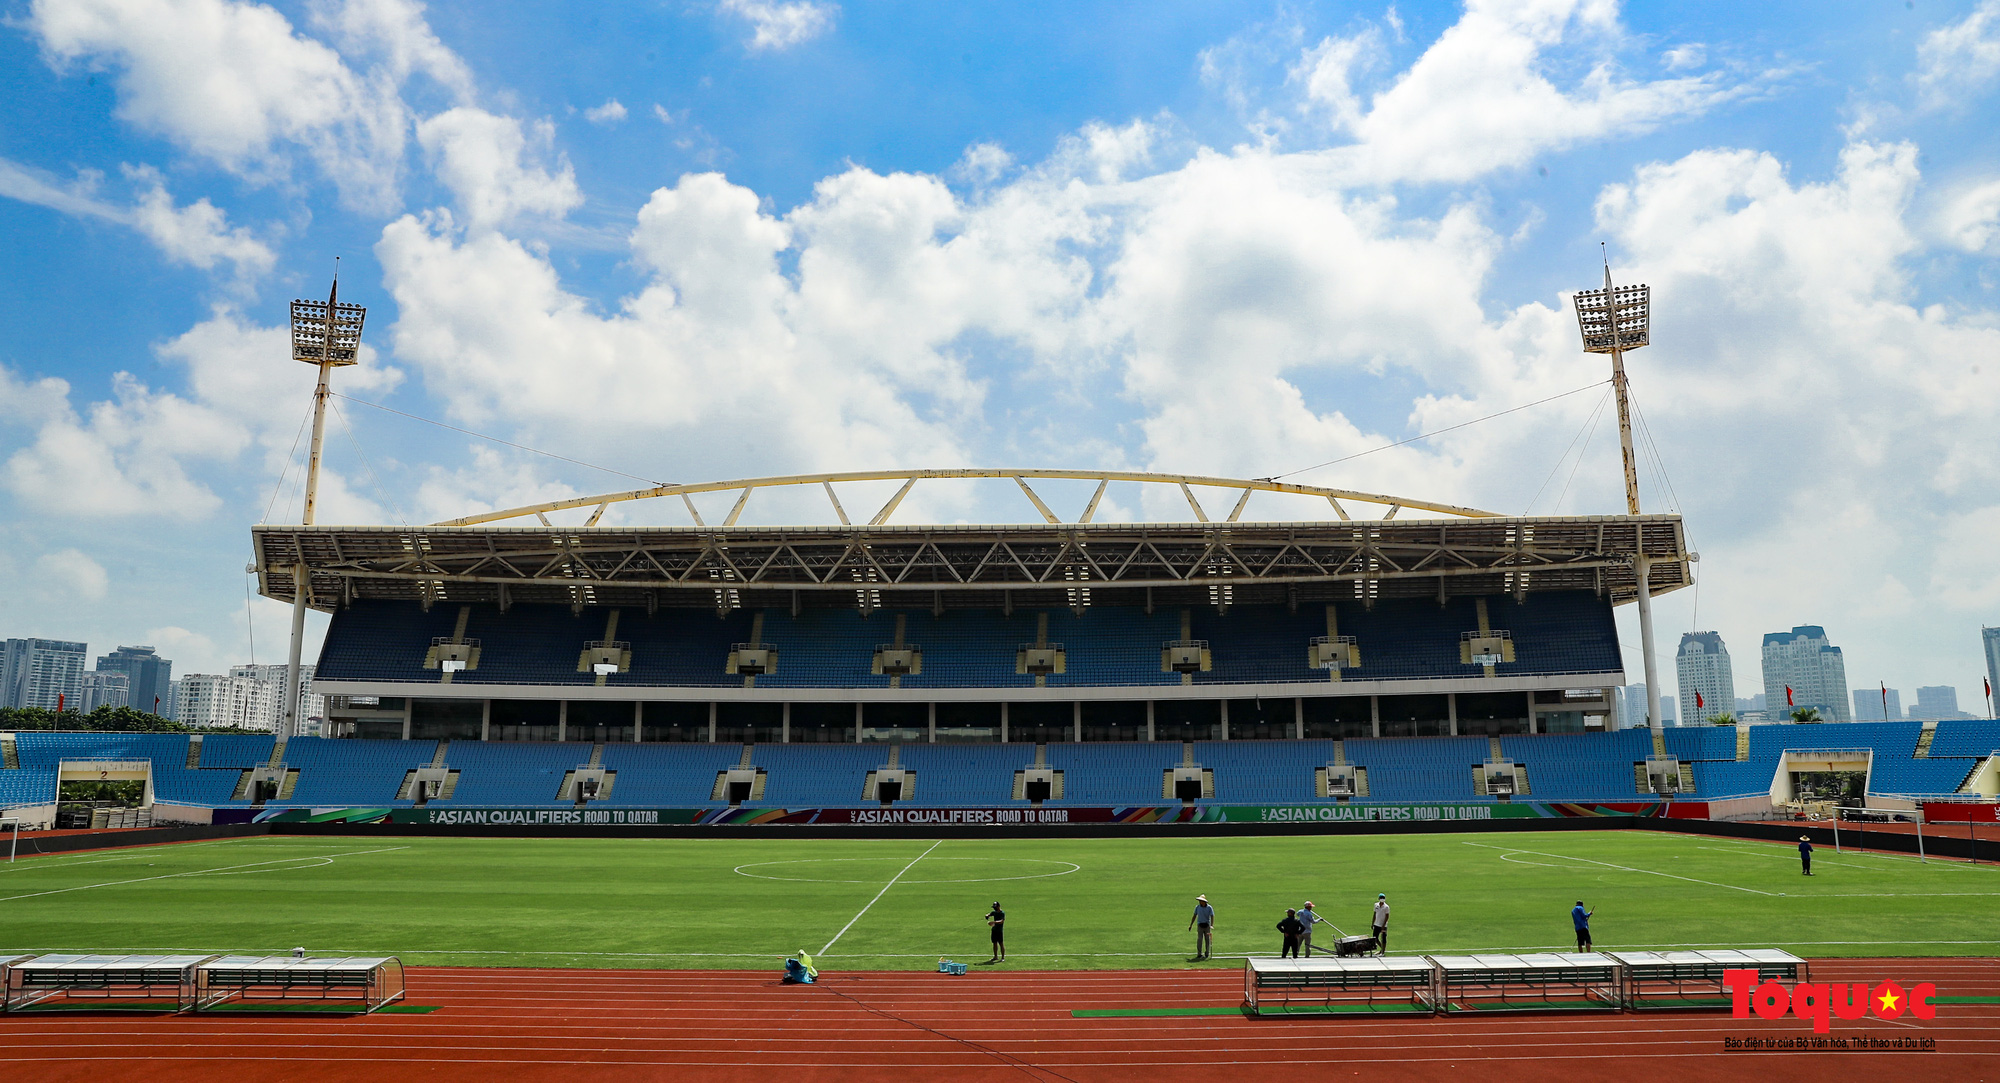 Đảm bảo an toàn tuyệt đối trận đấu giữa đội tuyển Việt Nam và Úc vòng loại thứ 3 World Cup 2022 khu vực châu Á - Ảnh 3.